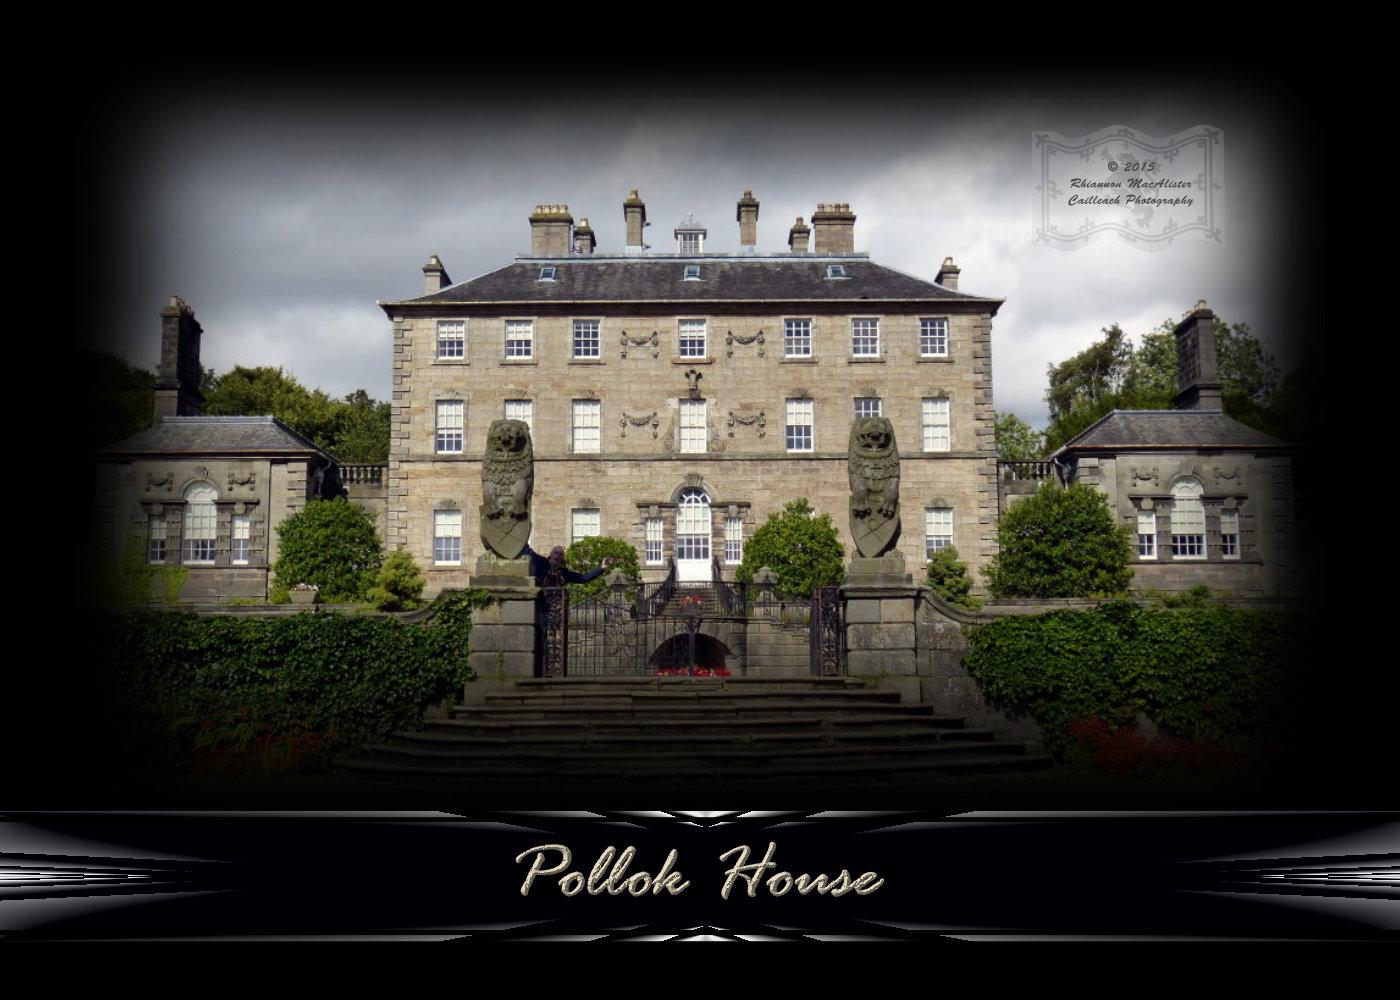 Pollok House